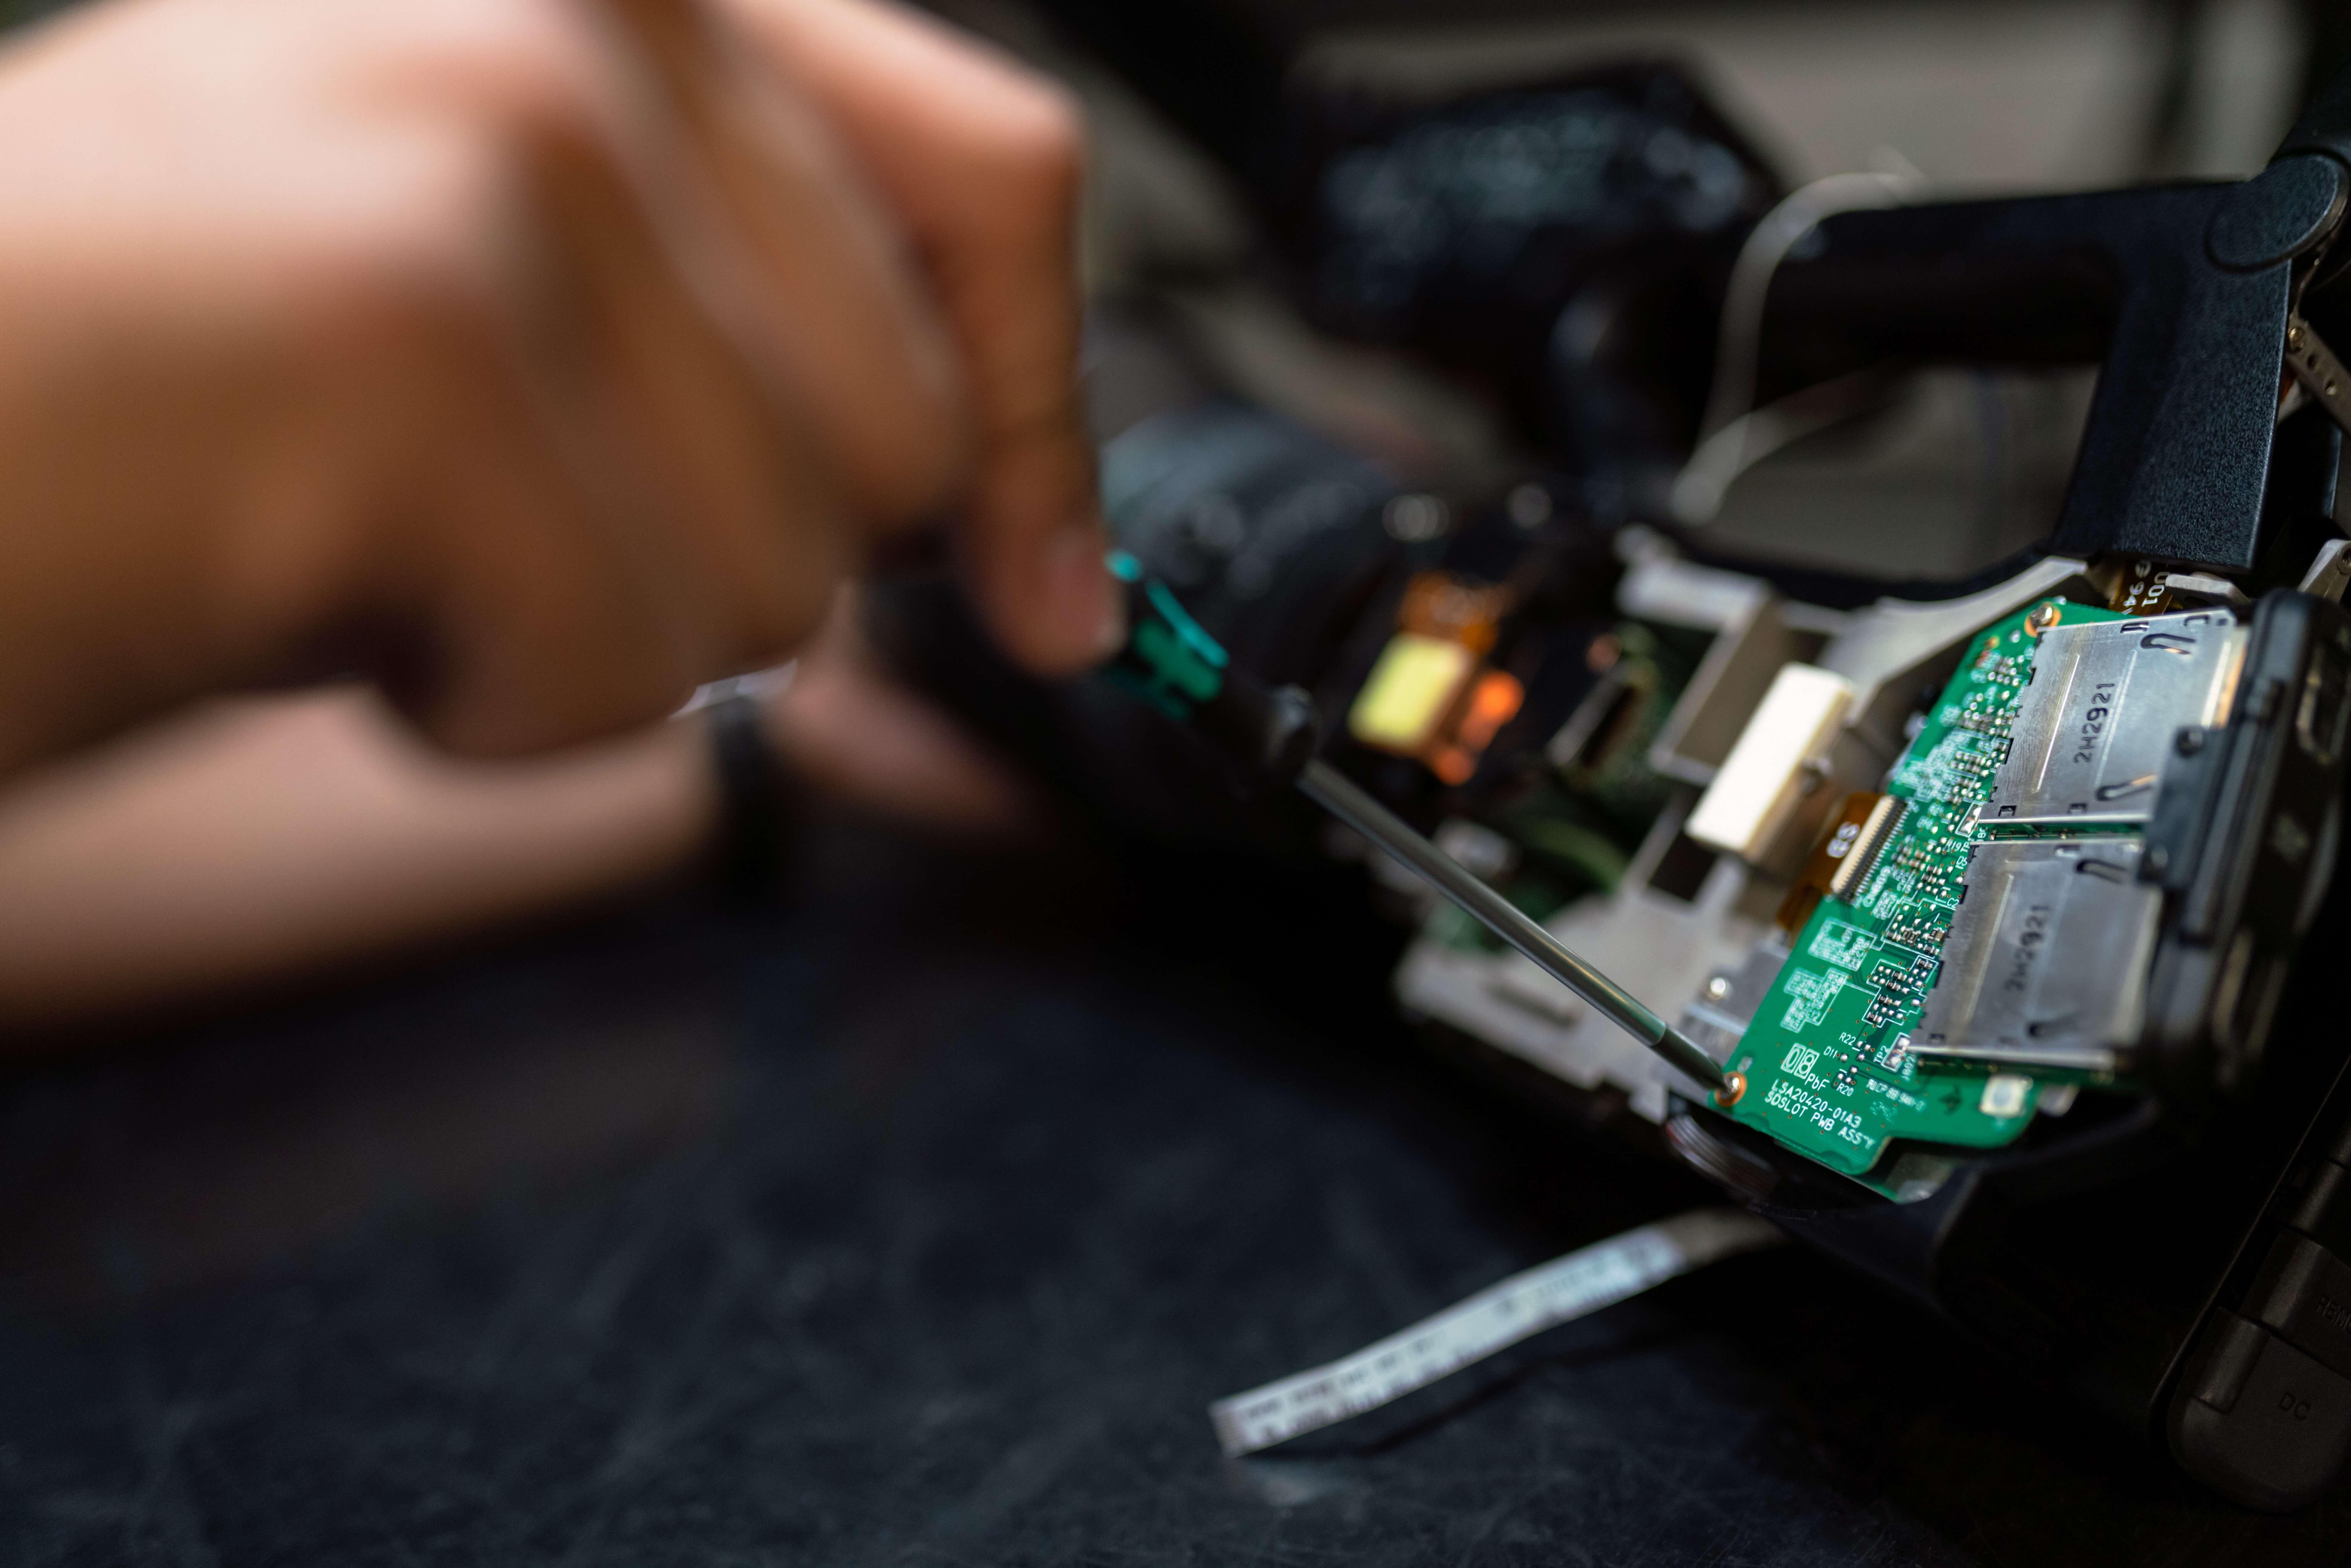 printer repairs cost